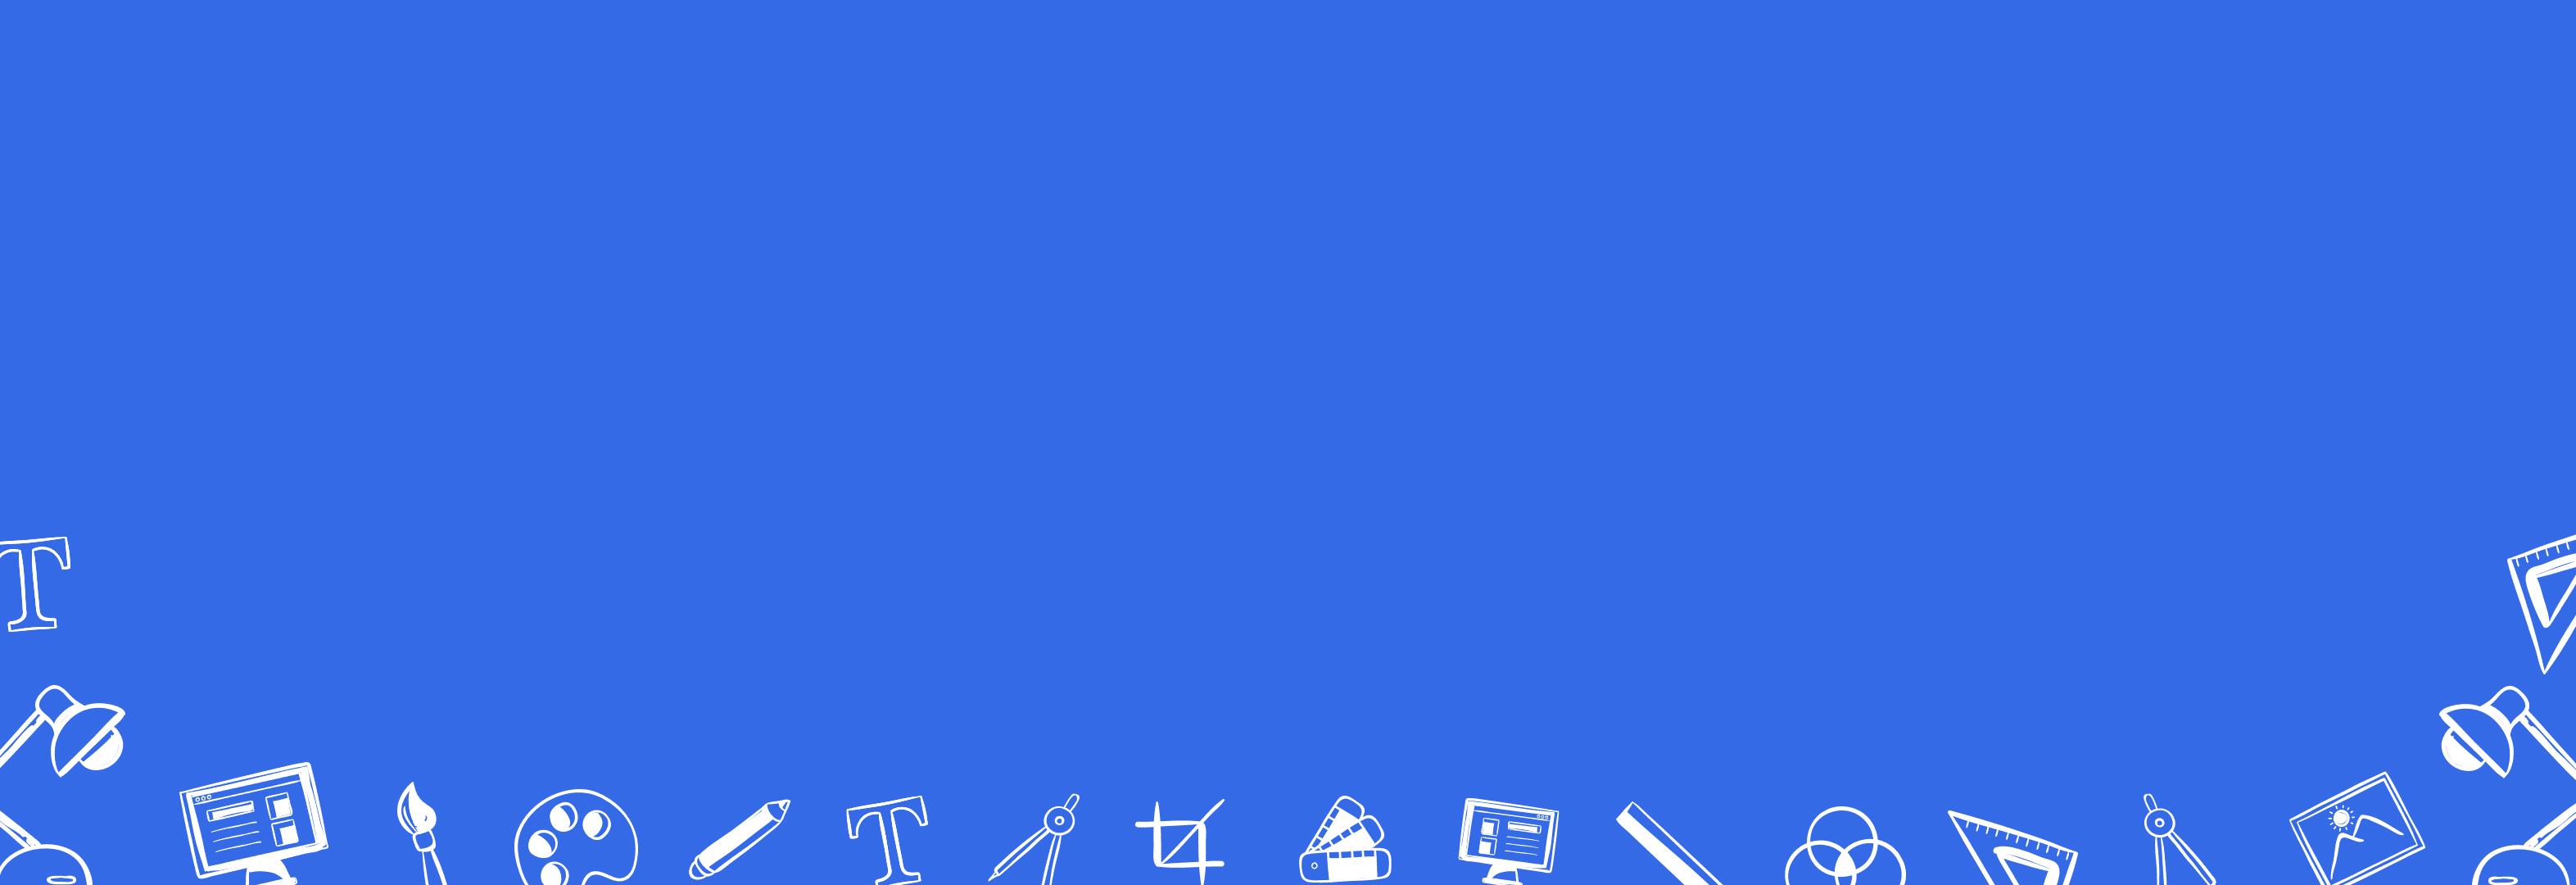 slideegg-banner